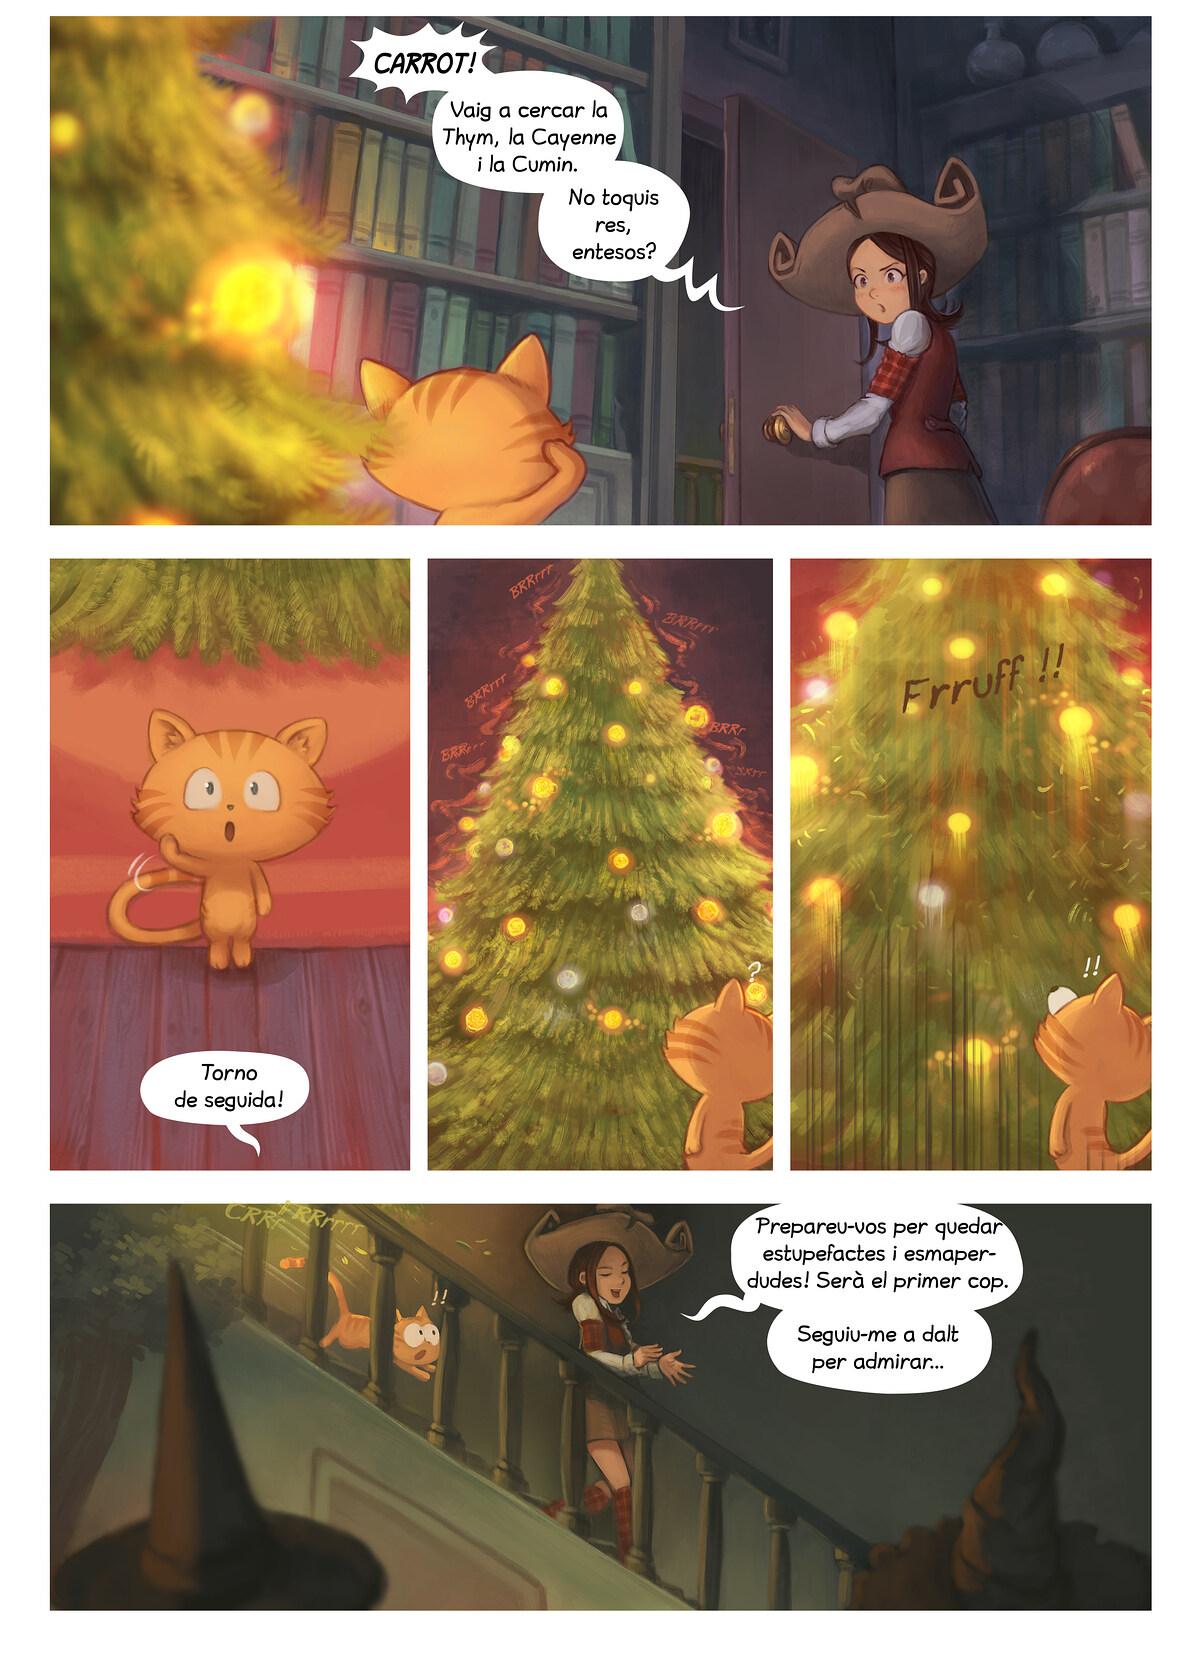 A webcomic page of Pepper&Carrot, episodi 24 [ca], pàgina 6